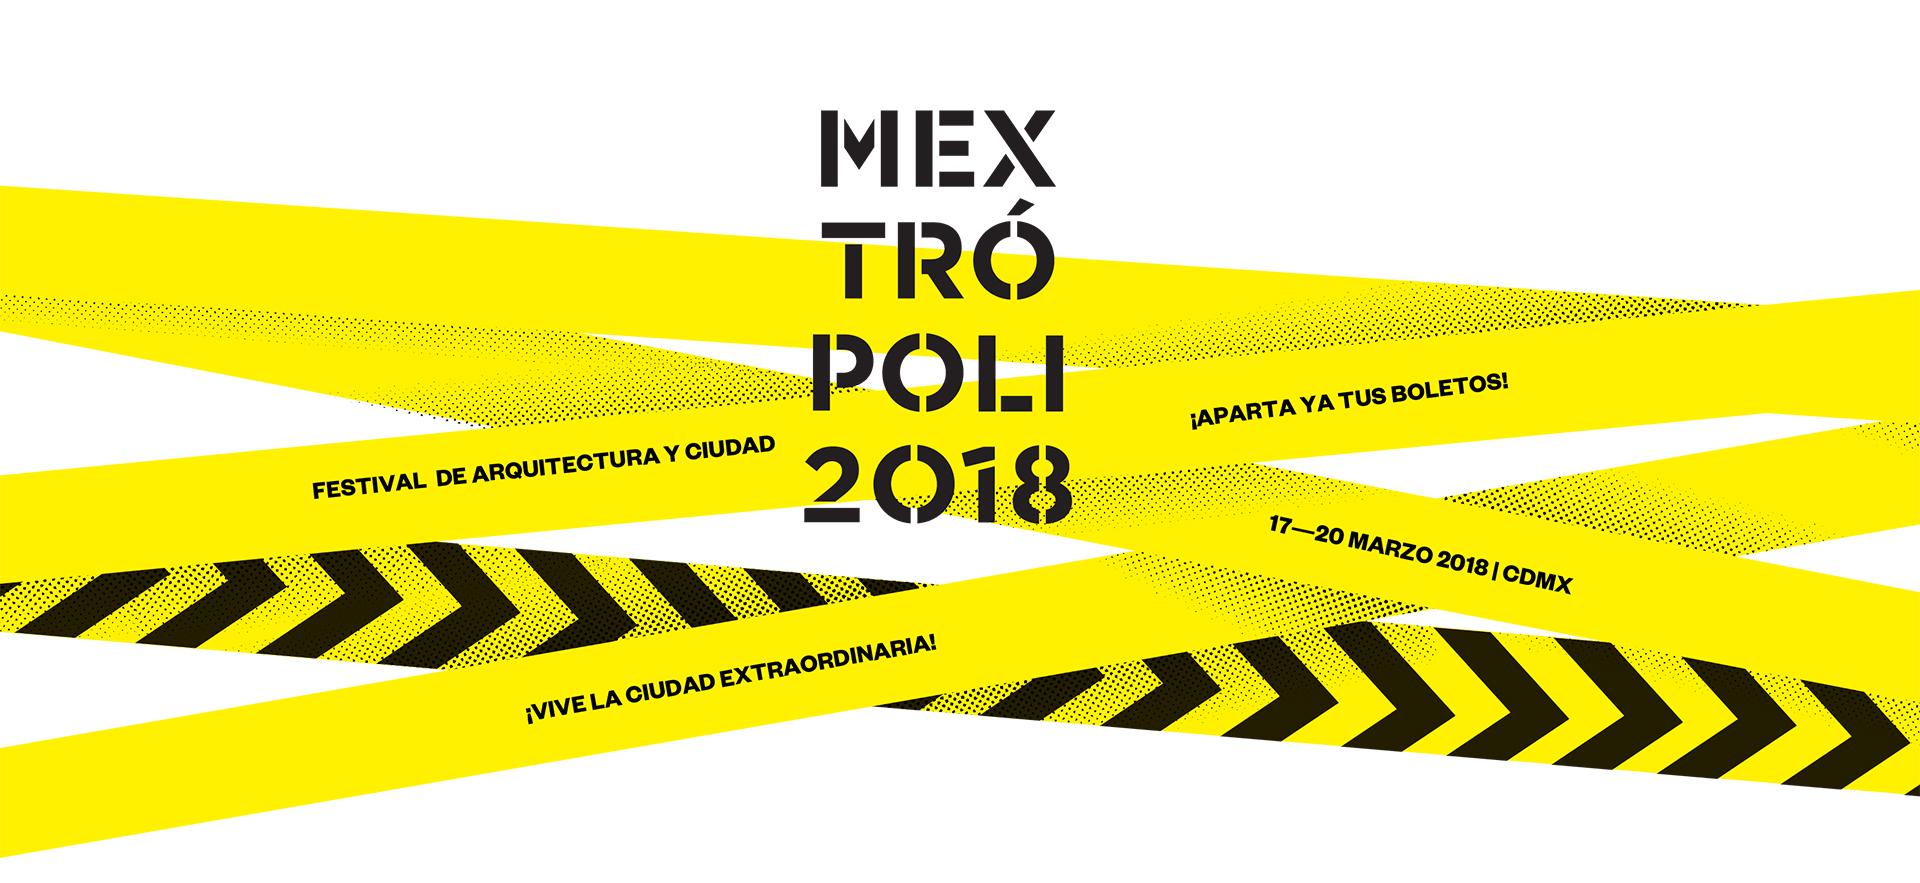 ¡Vive la ciudad extraordinaria en Mextrópoli 2018!